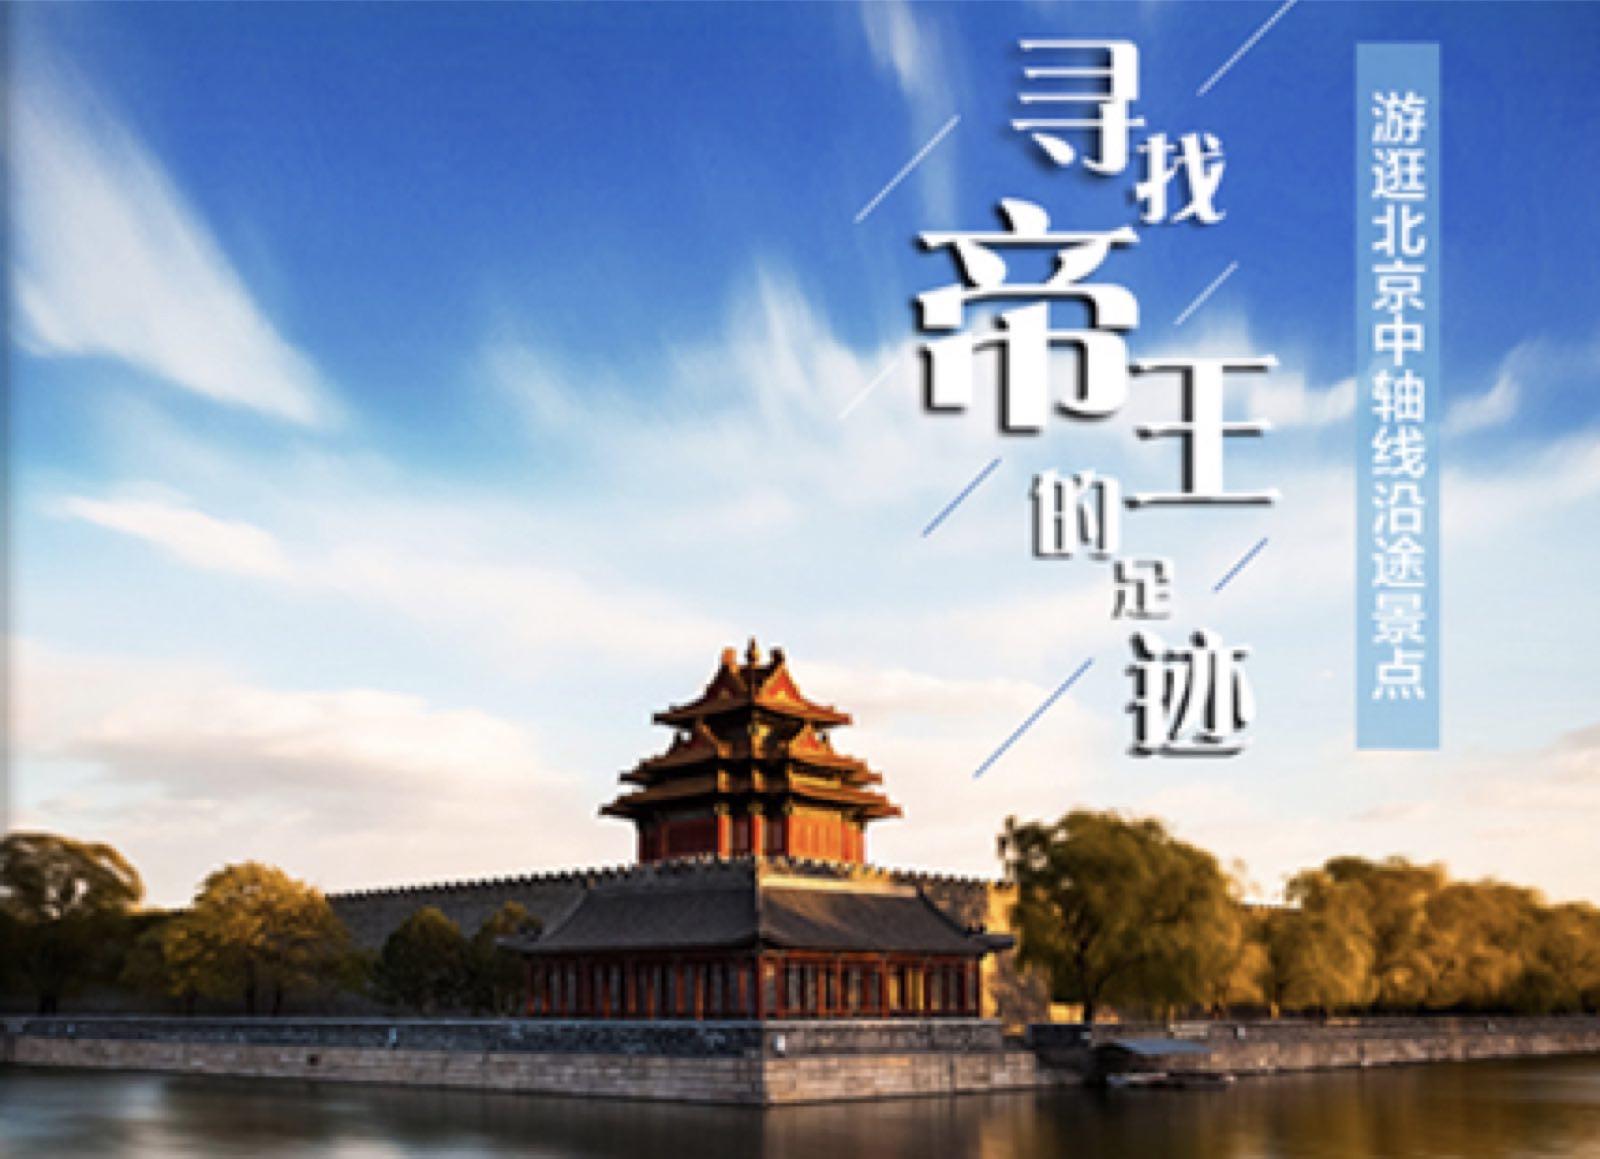 寻找帝王的足迹 游逛北京中轴线沿途景点